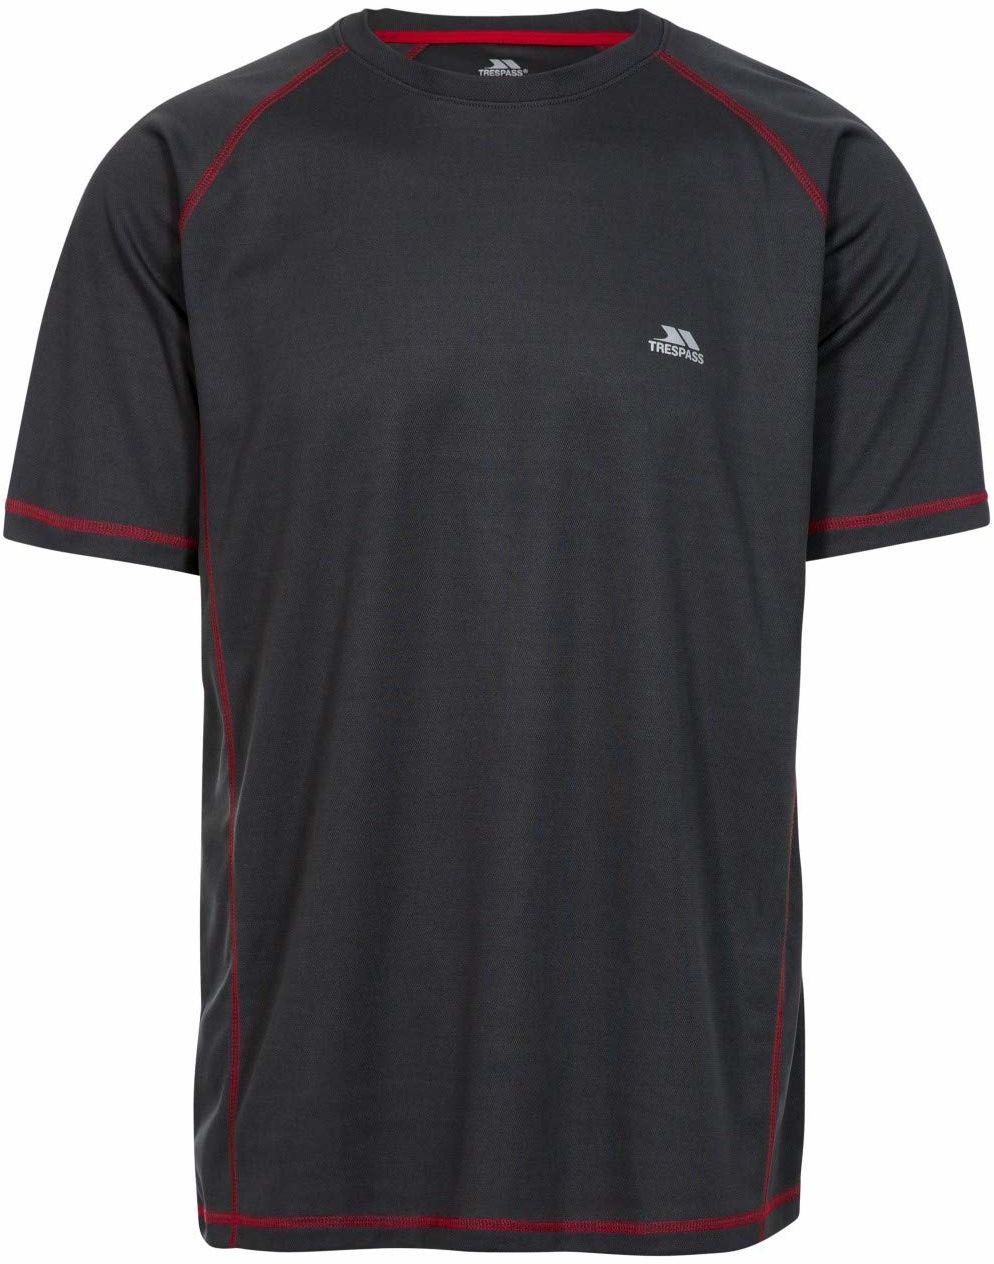 Trespass Albert Quick Dry T-shirt męski Stal węglowa XL